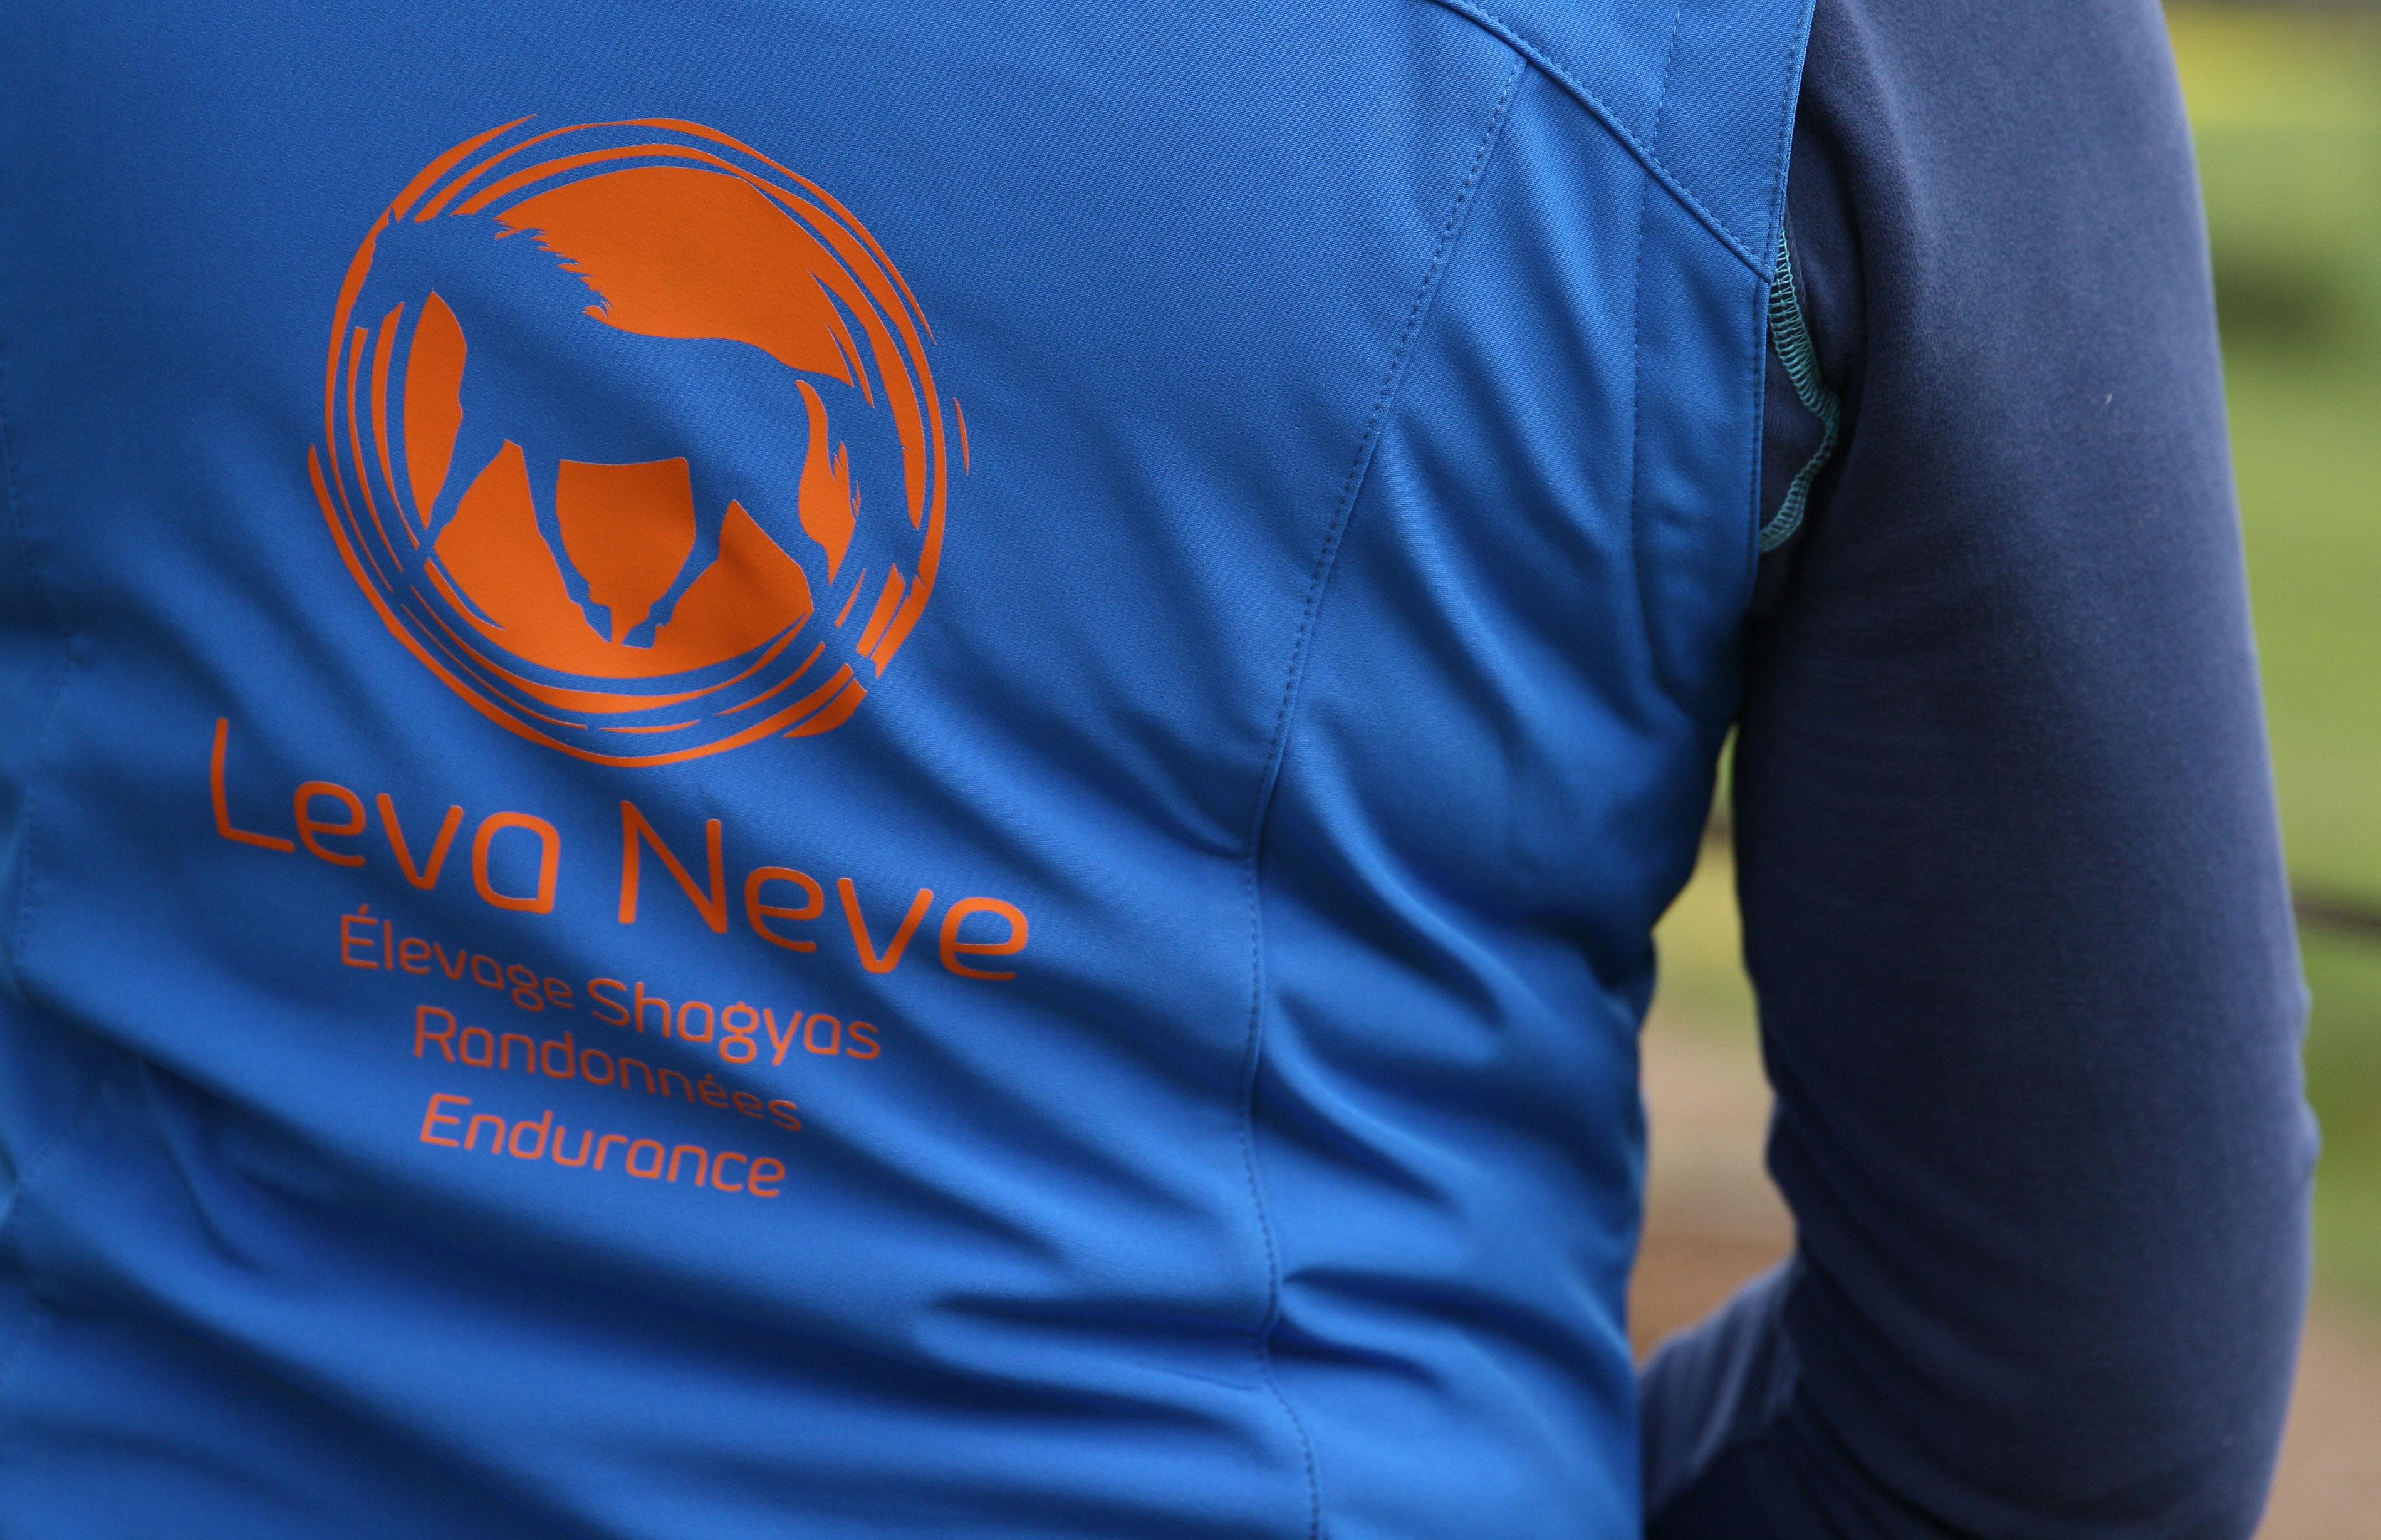 Logo flocké sur veste